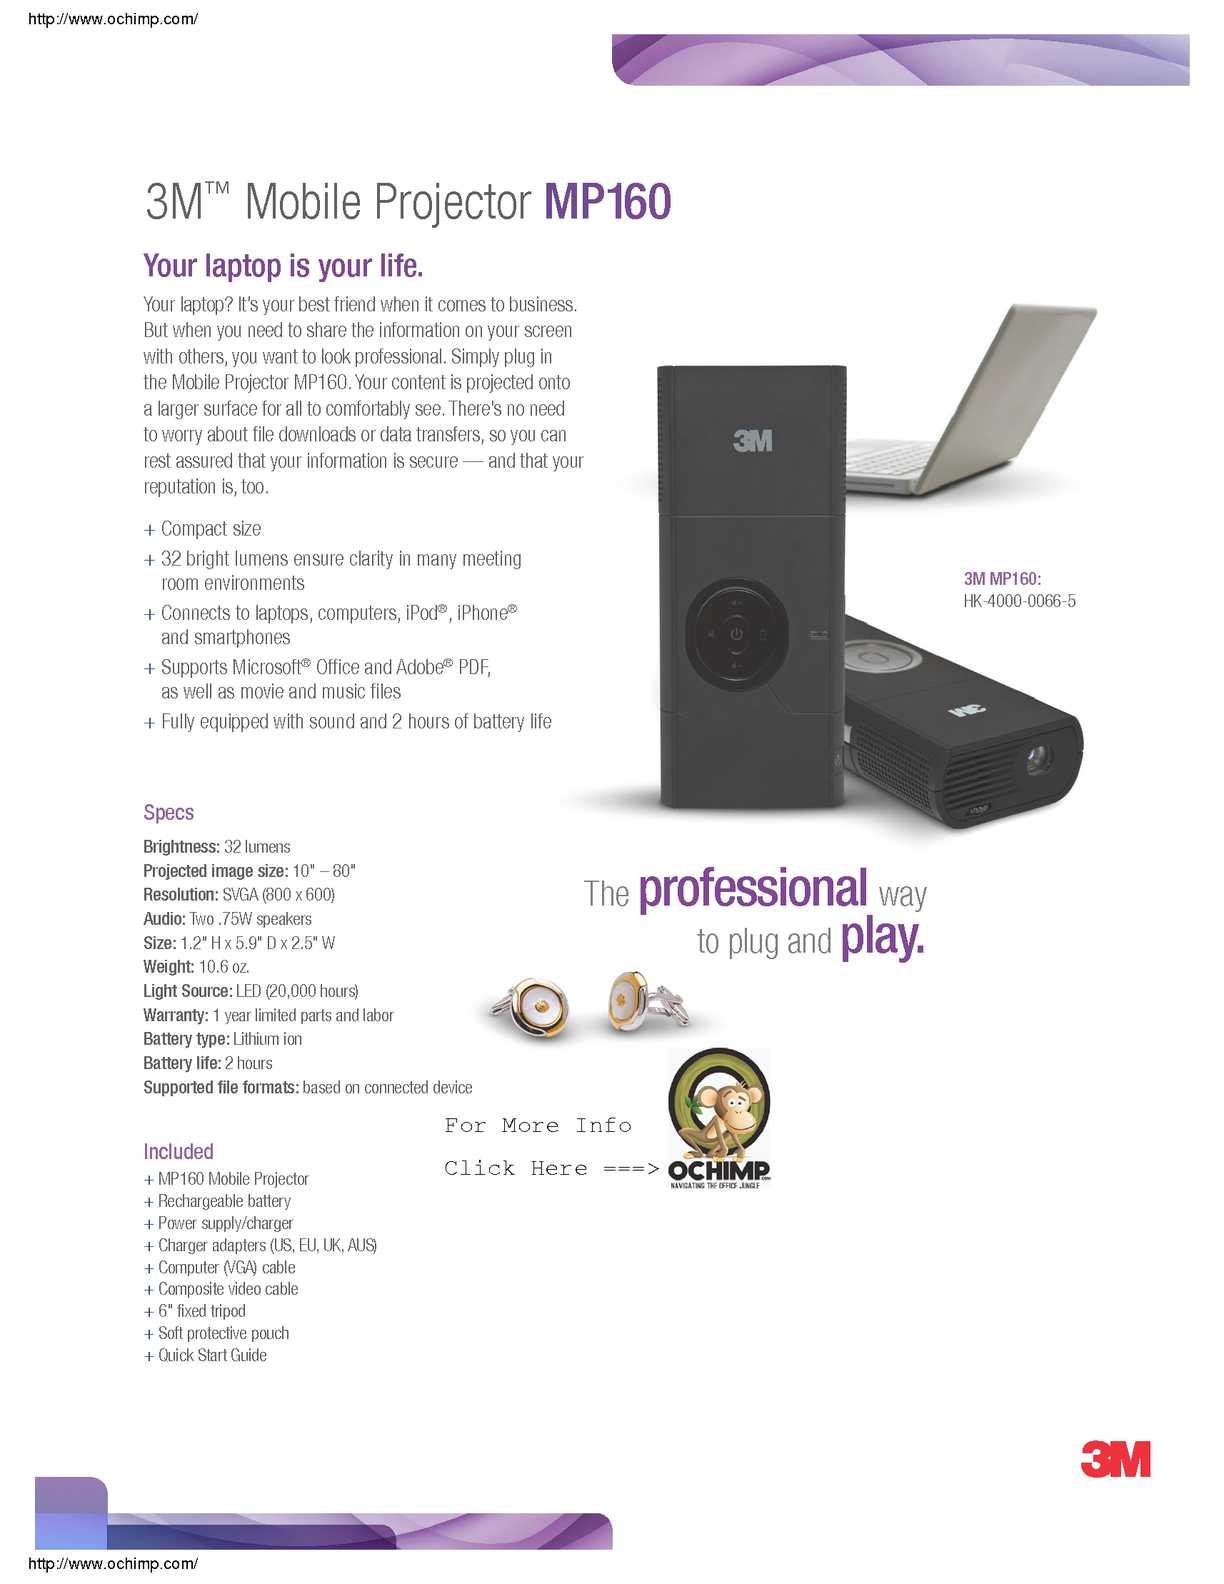 Calaméo - 3M MP160 Pocket Projector, 800 x 600 pixels, 32